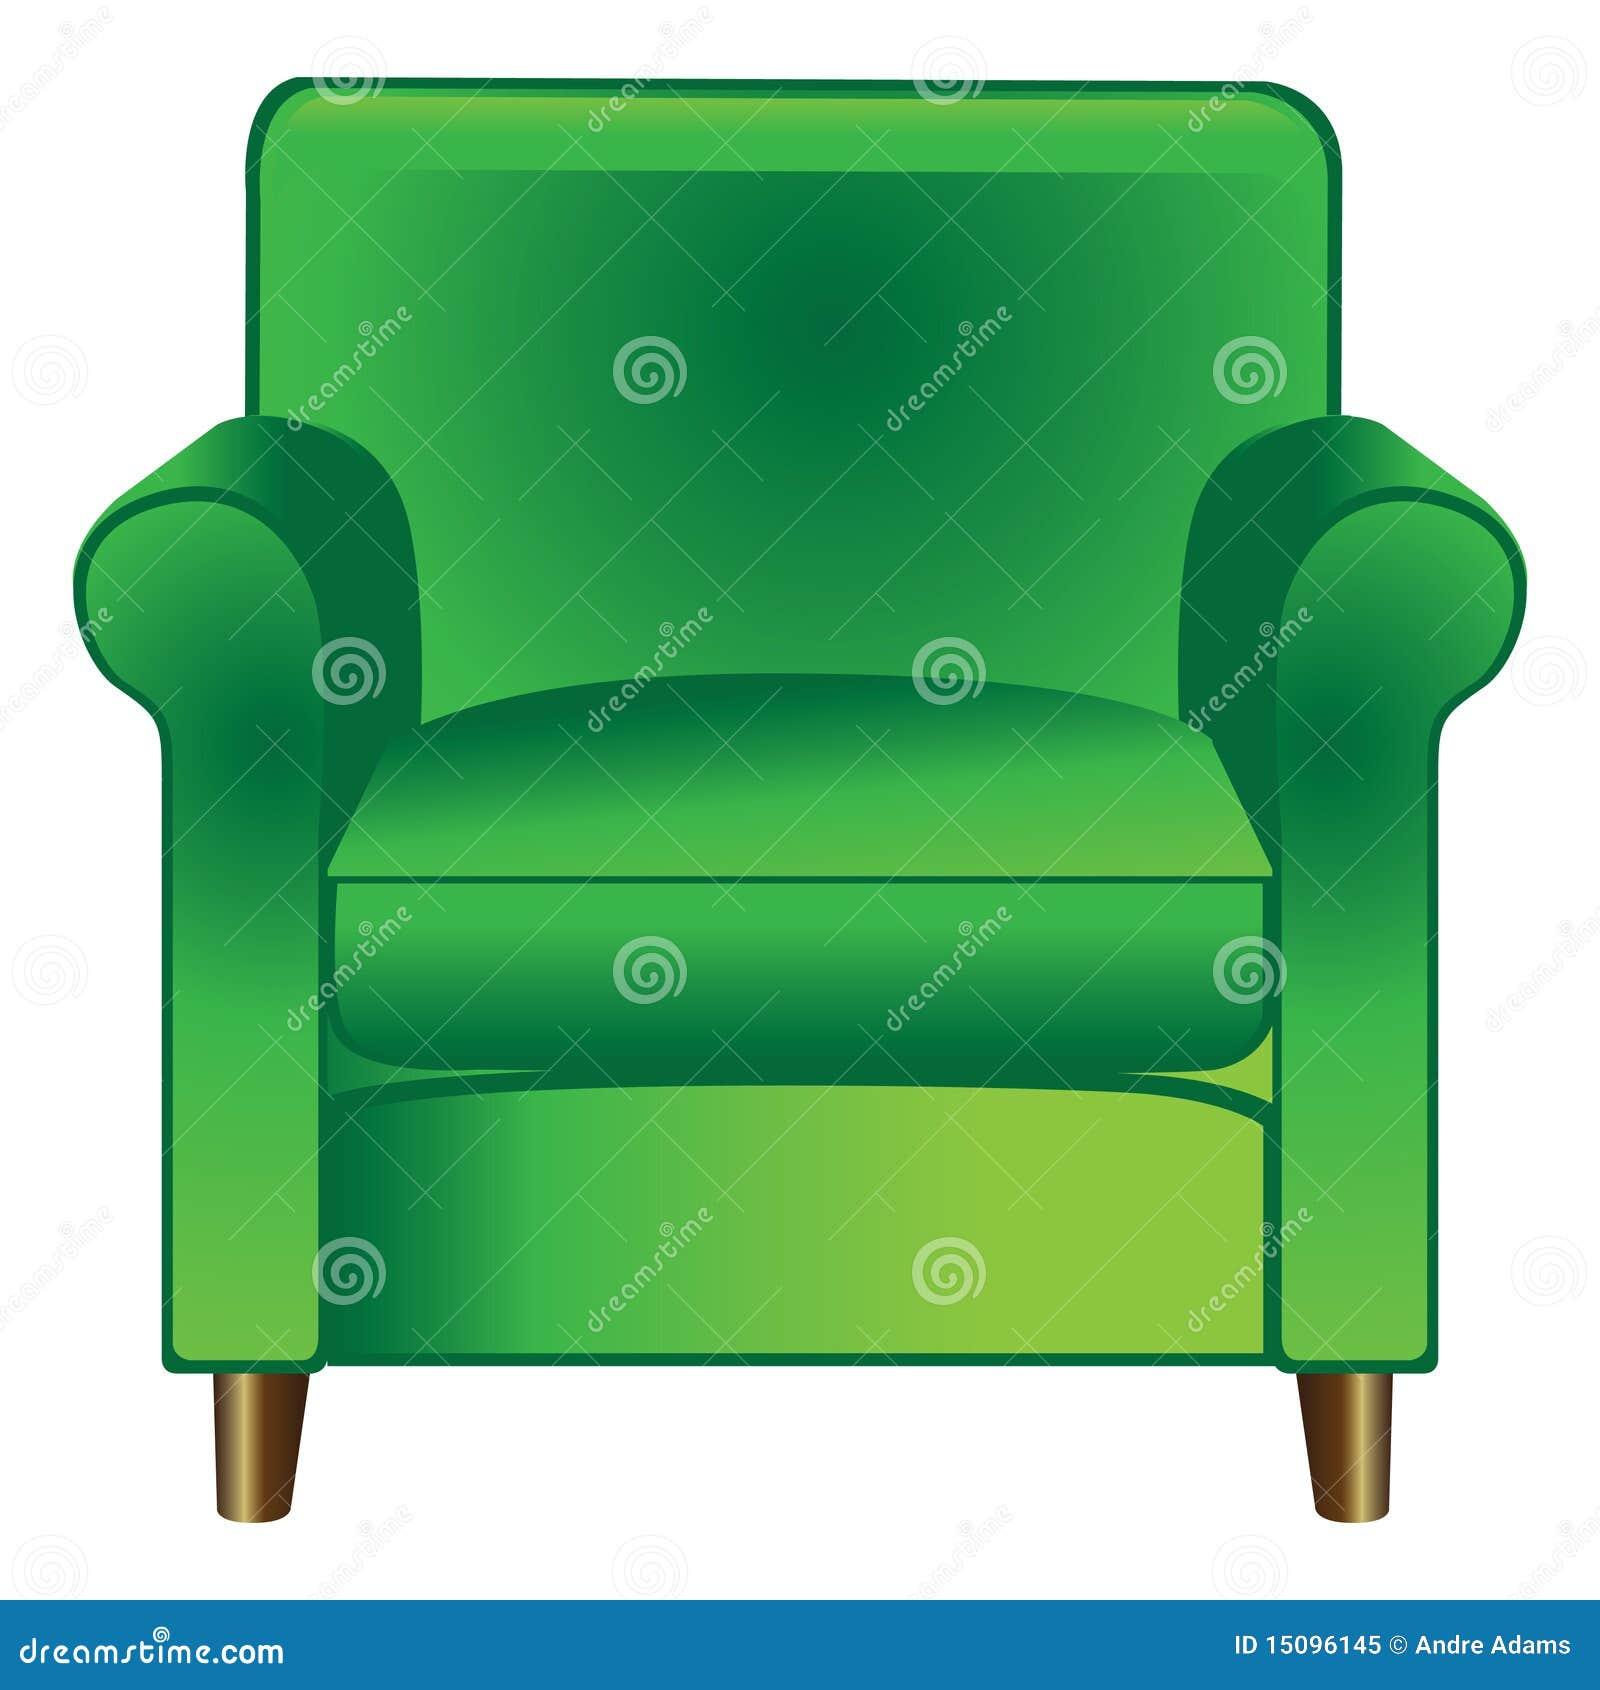 green chair clipart - photo #9